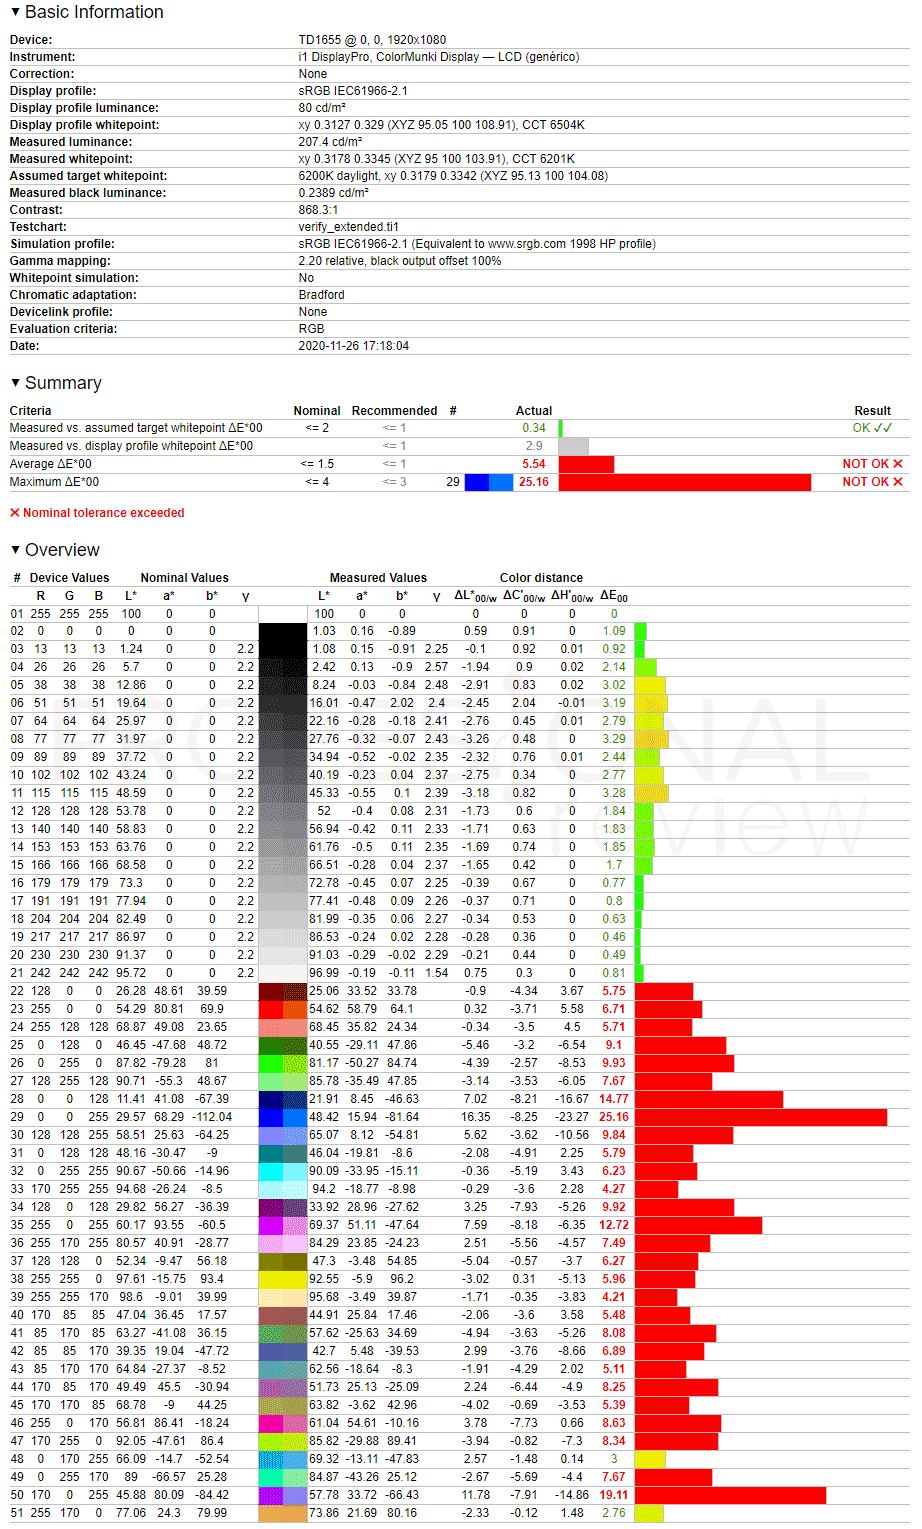 ViewSonic TD1655 sRGB